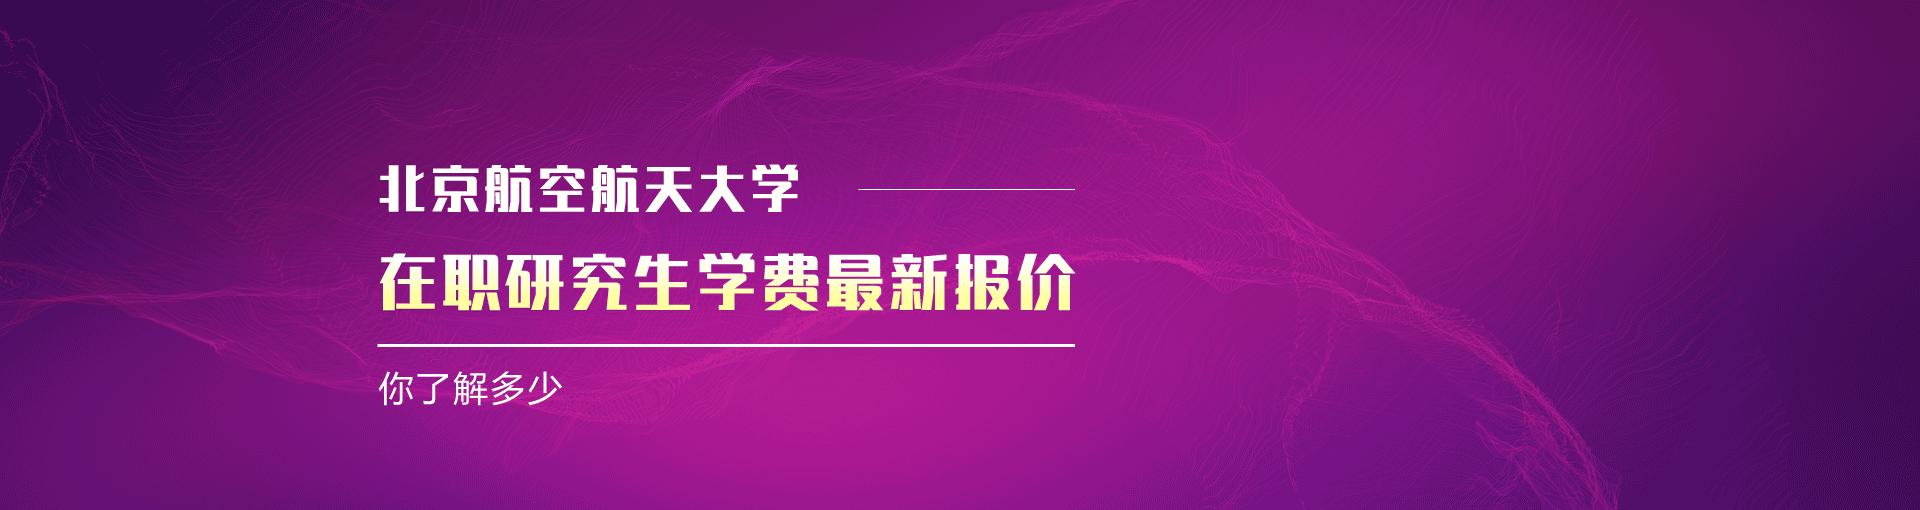 报考须知:2019年北京航空航天大学在职研究生学费是多少?